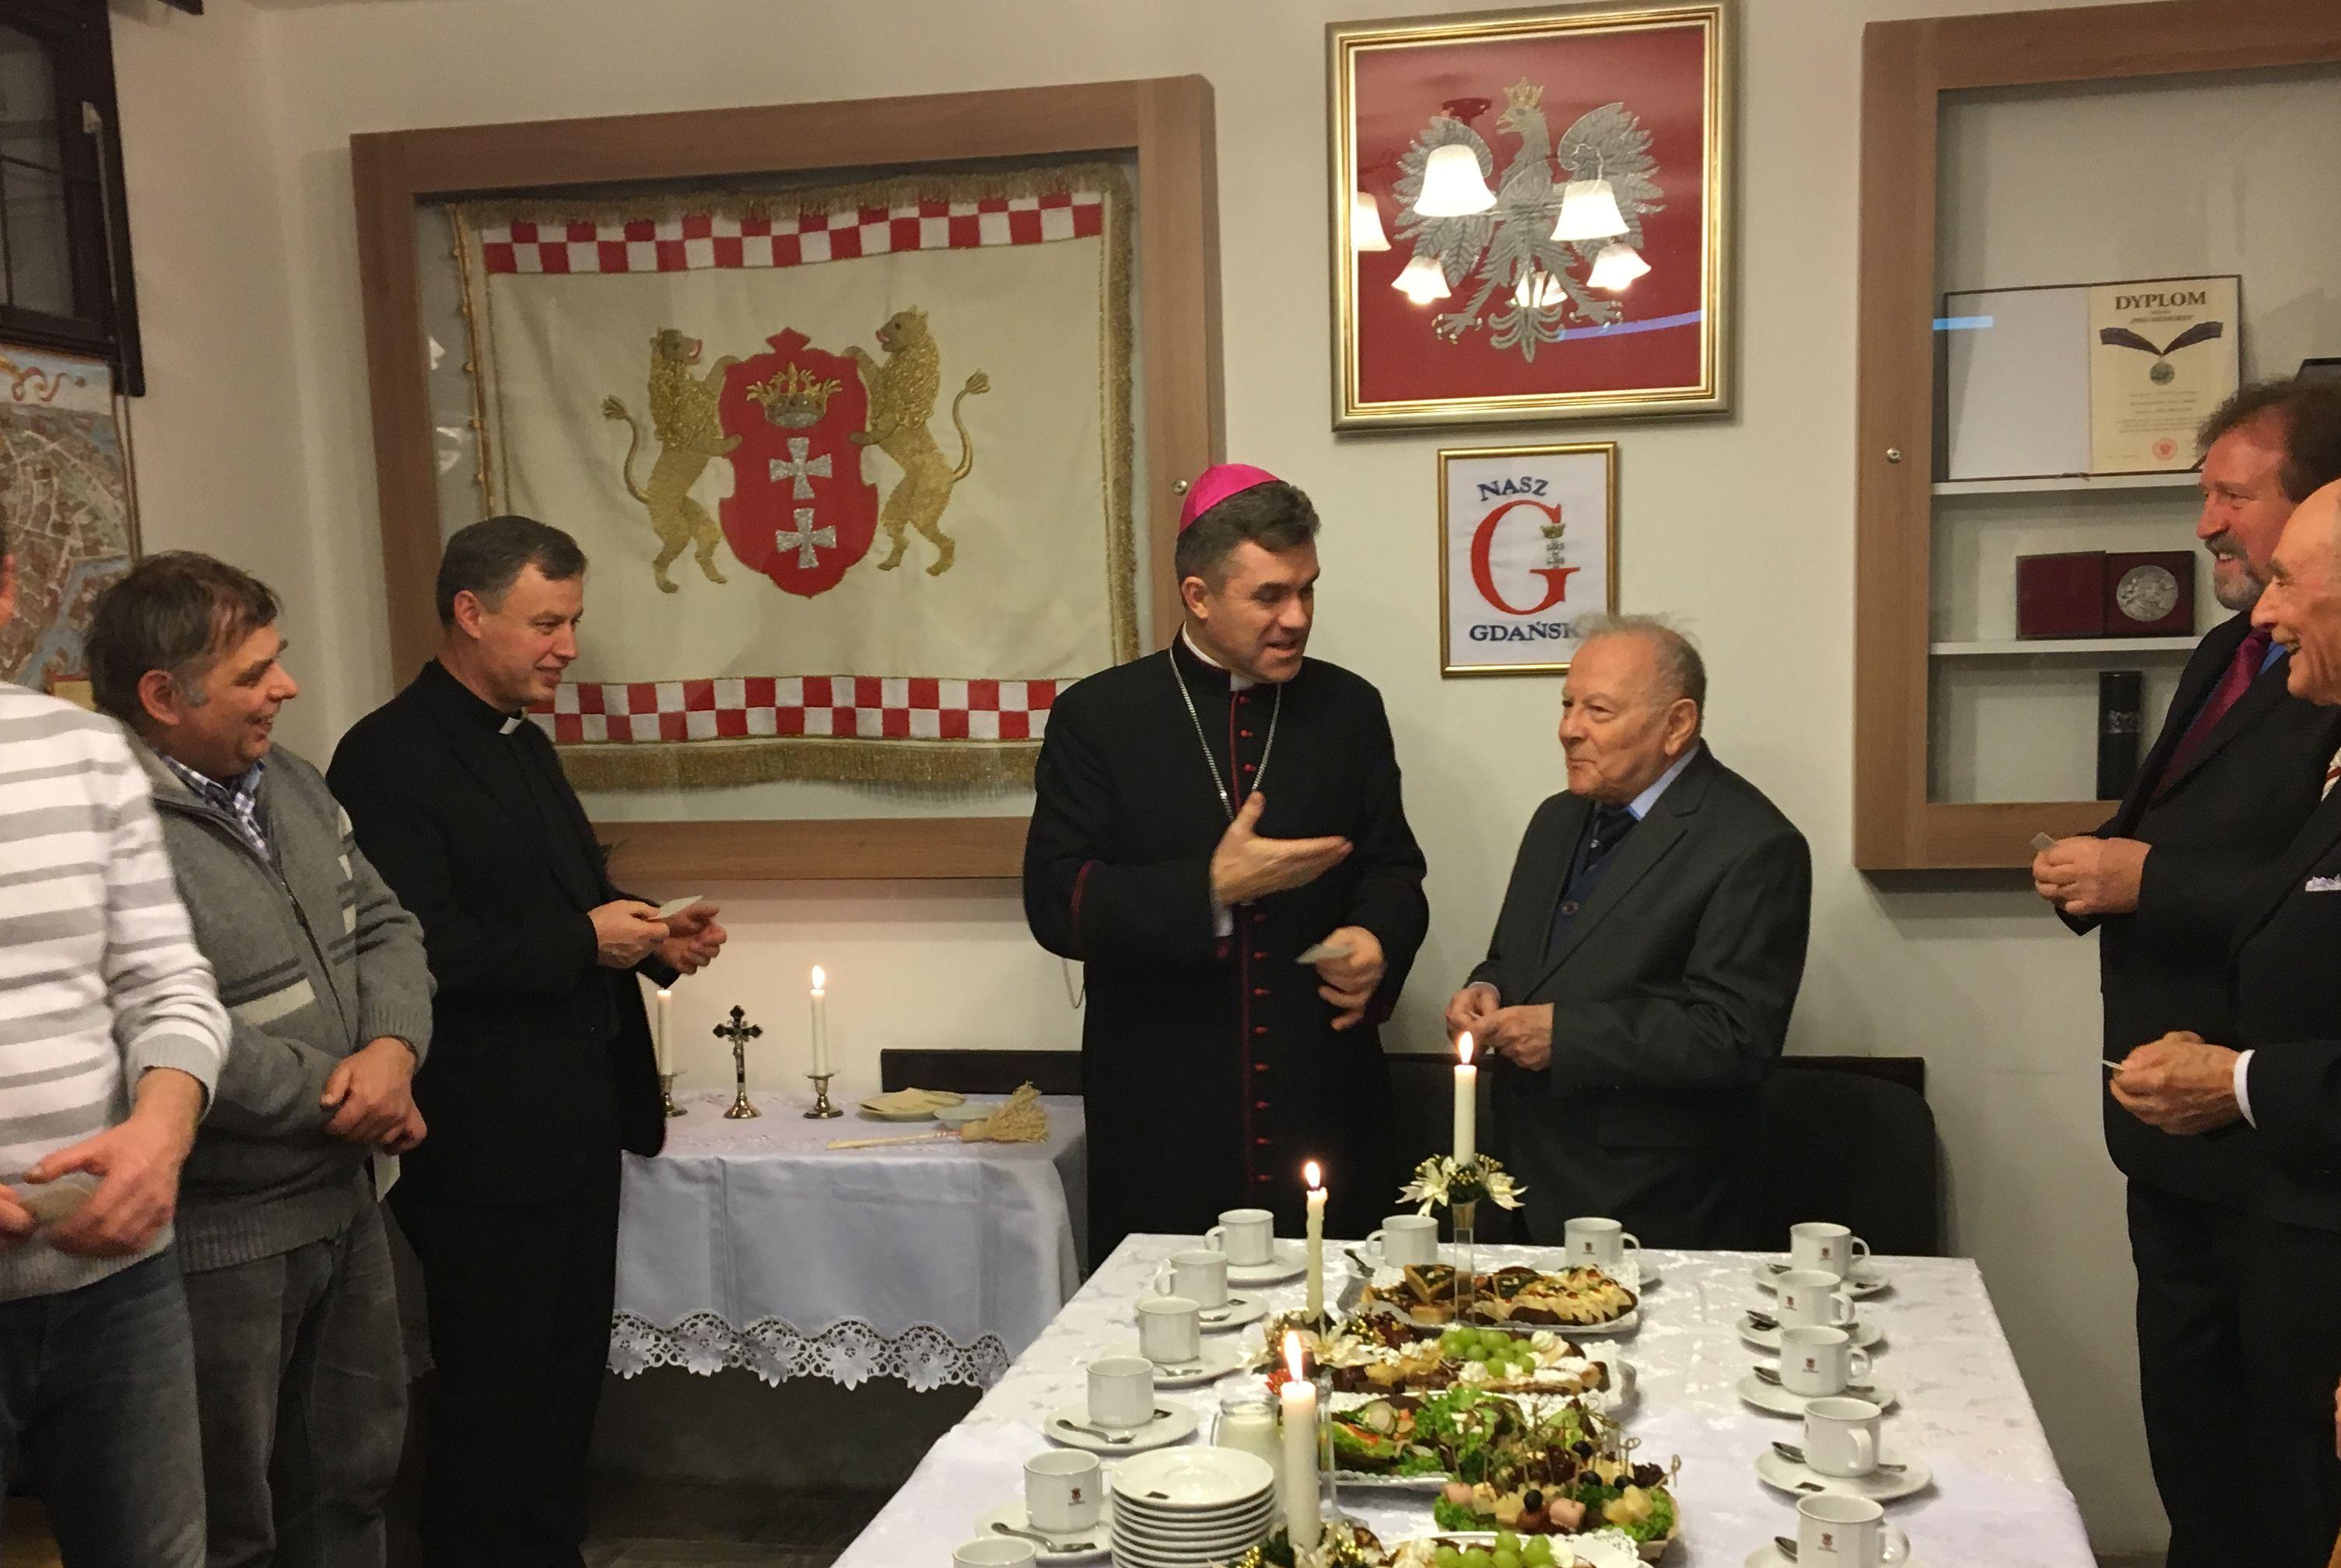 NG Opłatek z biskupem fot_J_Wikowski IMG_1651 — kopia